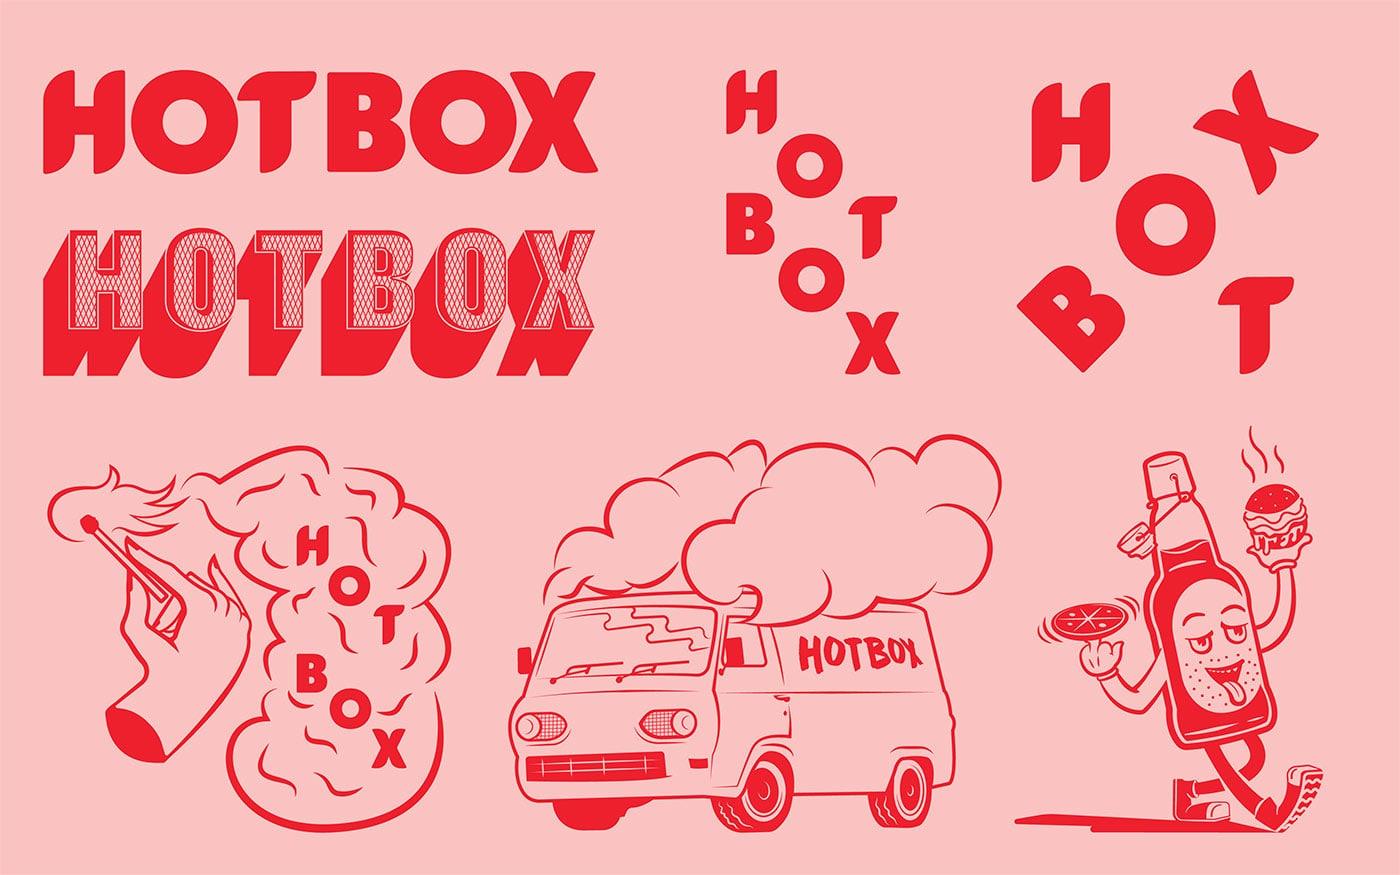 HotBox汉堡比萨餐厅品牌形象设计